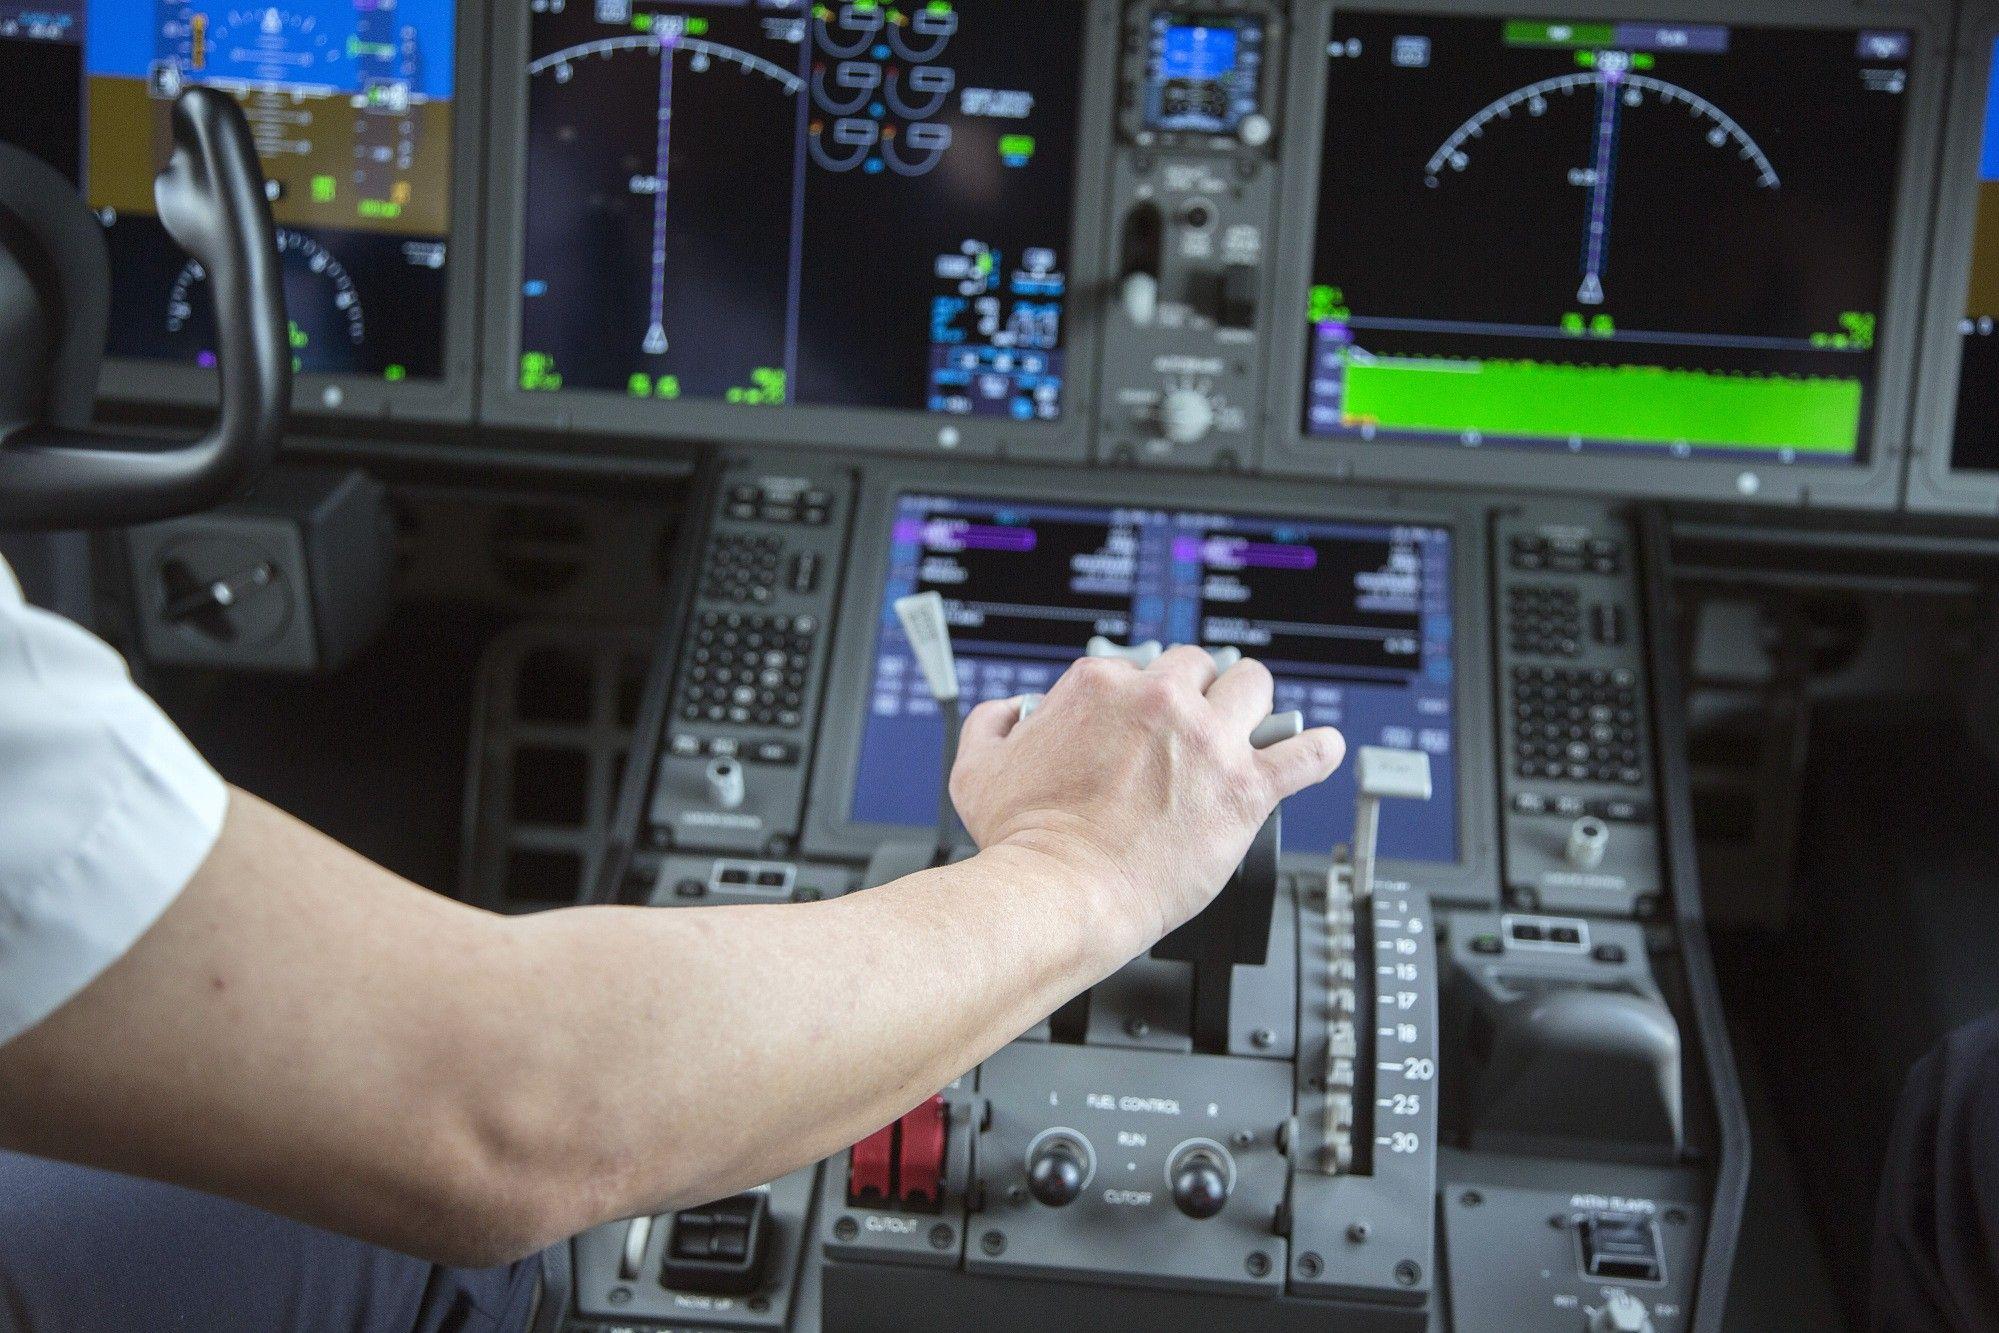 Mujeres piloto podrían ayudar al auge de los viajes en Asia